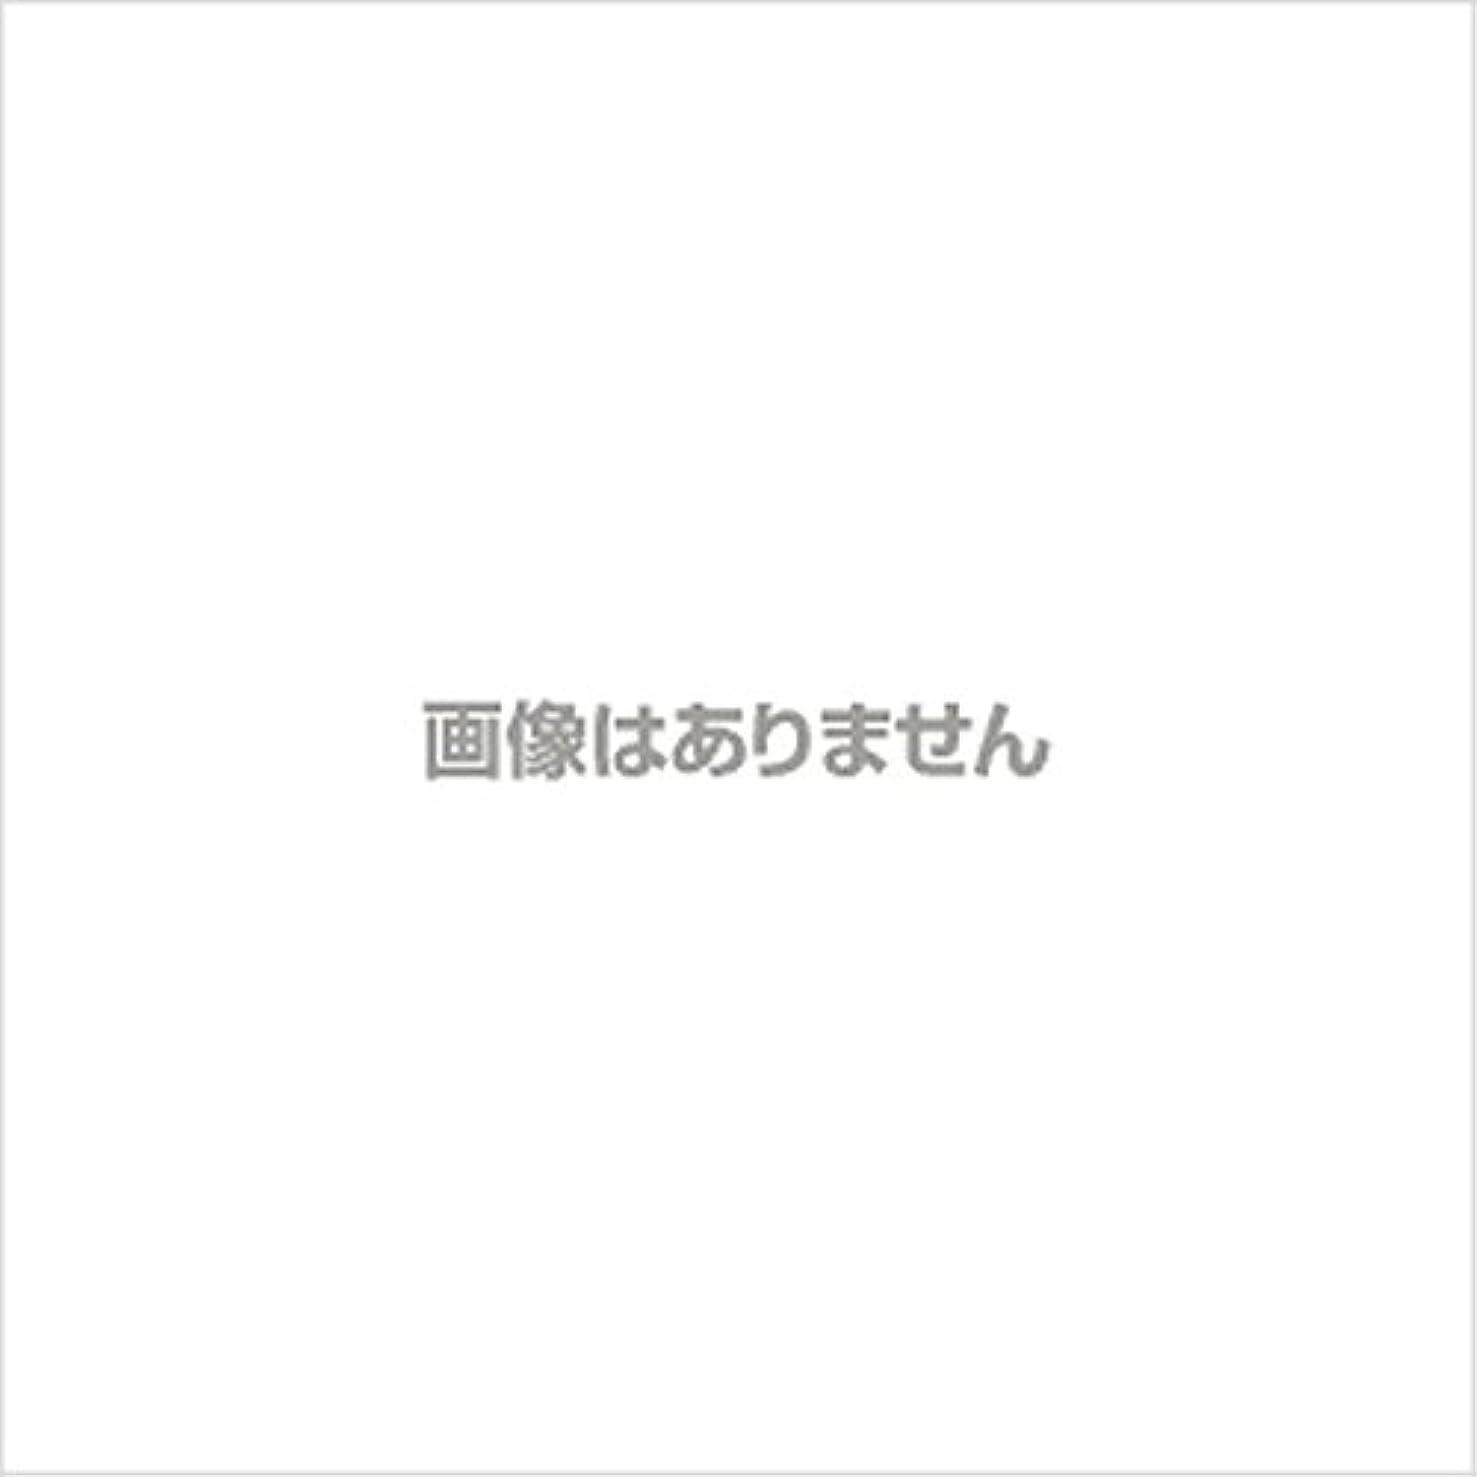 レーダーアラームチロ新発売】EBUKEA エブケアNO1004 プラスチックグローブ(パウダーフリー?粉なし)Mサイズ 100枚入(極薄?半透明)